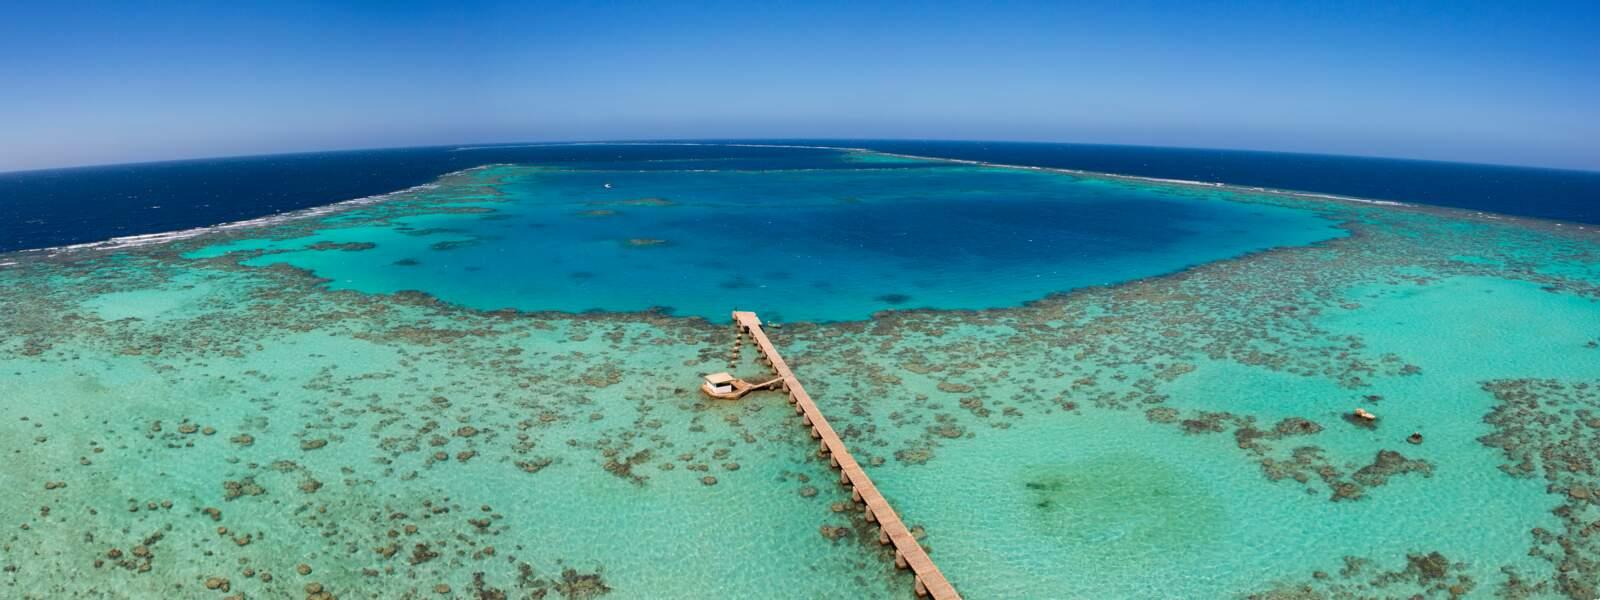 Parc national marin de Sanganeb et Parc national marin de la baie de Dungonab – île de Mukkawar, au Soudan